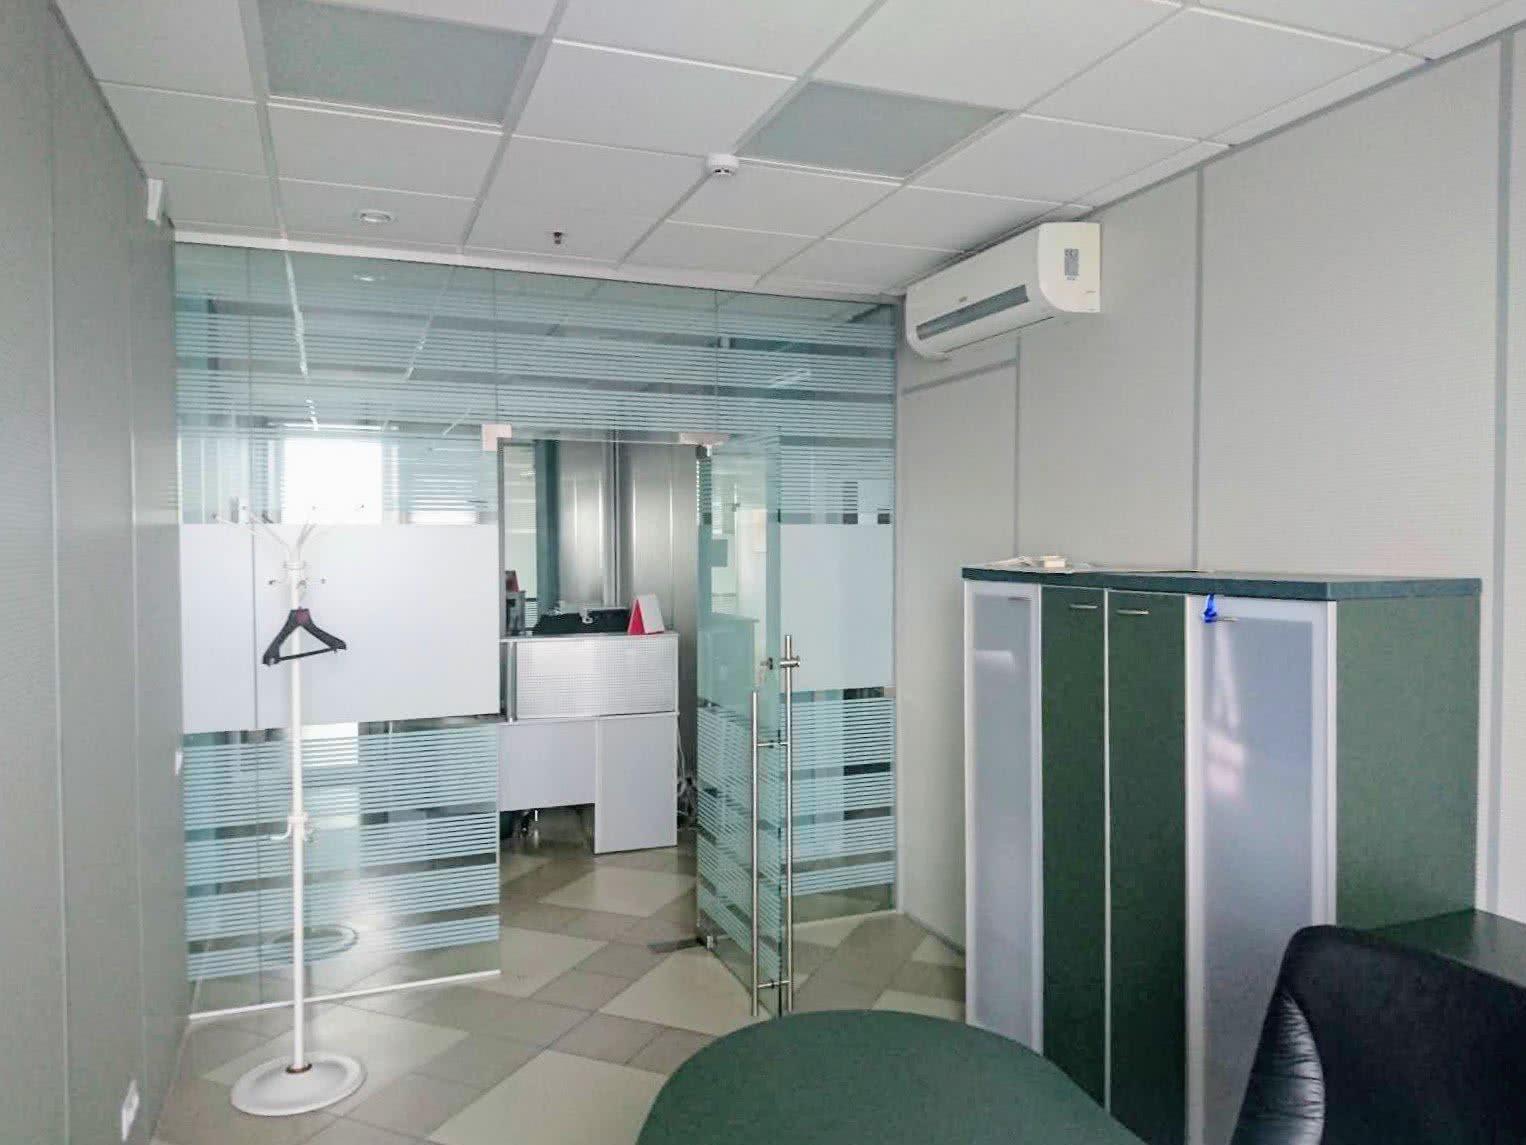 Аренда офиса на ул. Тимирязева, д. 67 в Минске - фото 4